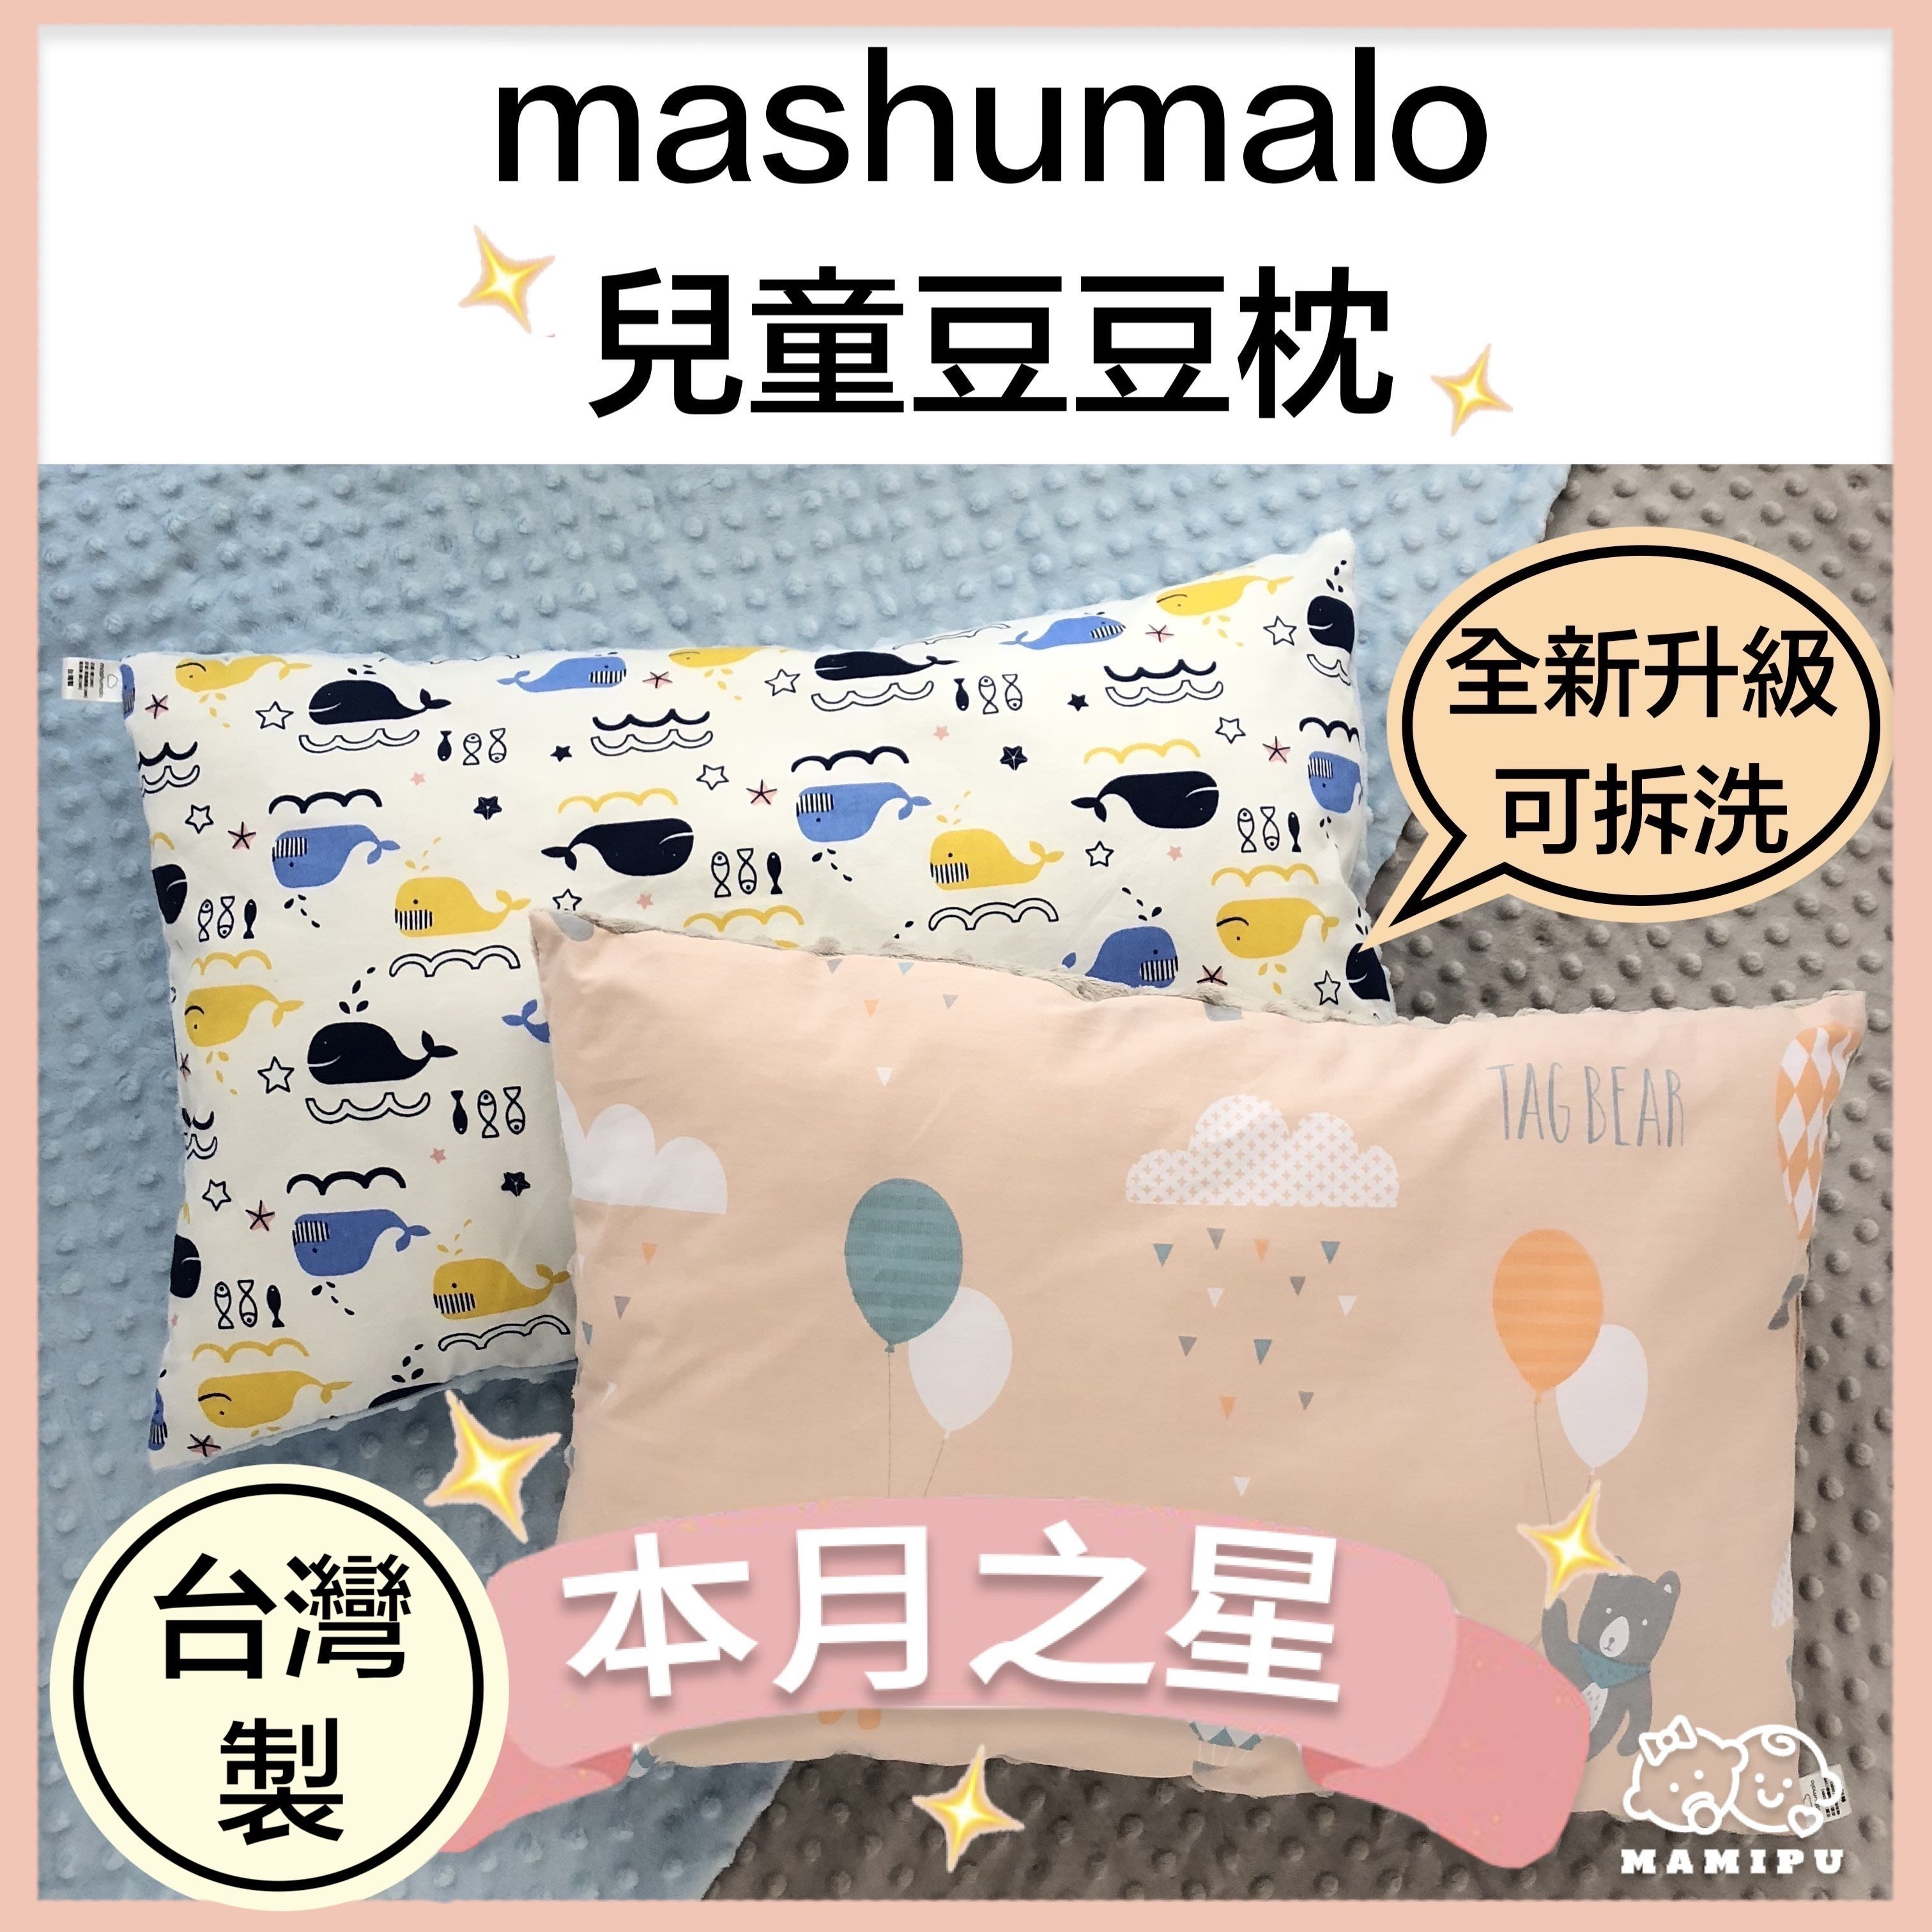 現貨*台灣製兒童豆豆枕 mashumalo兒童枕頭 嬰兒枕頭 豆豆枕 兒童枕 豆豆毯 嬰兒床